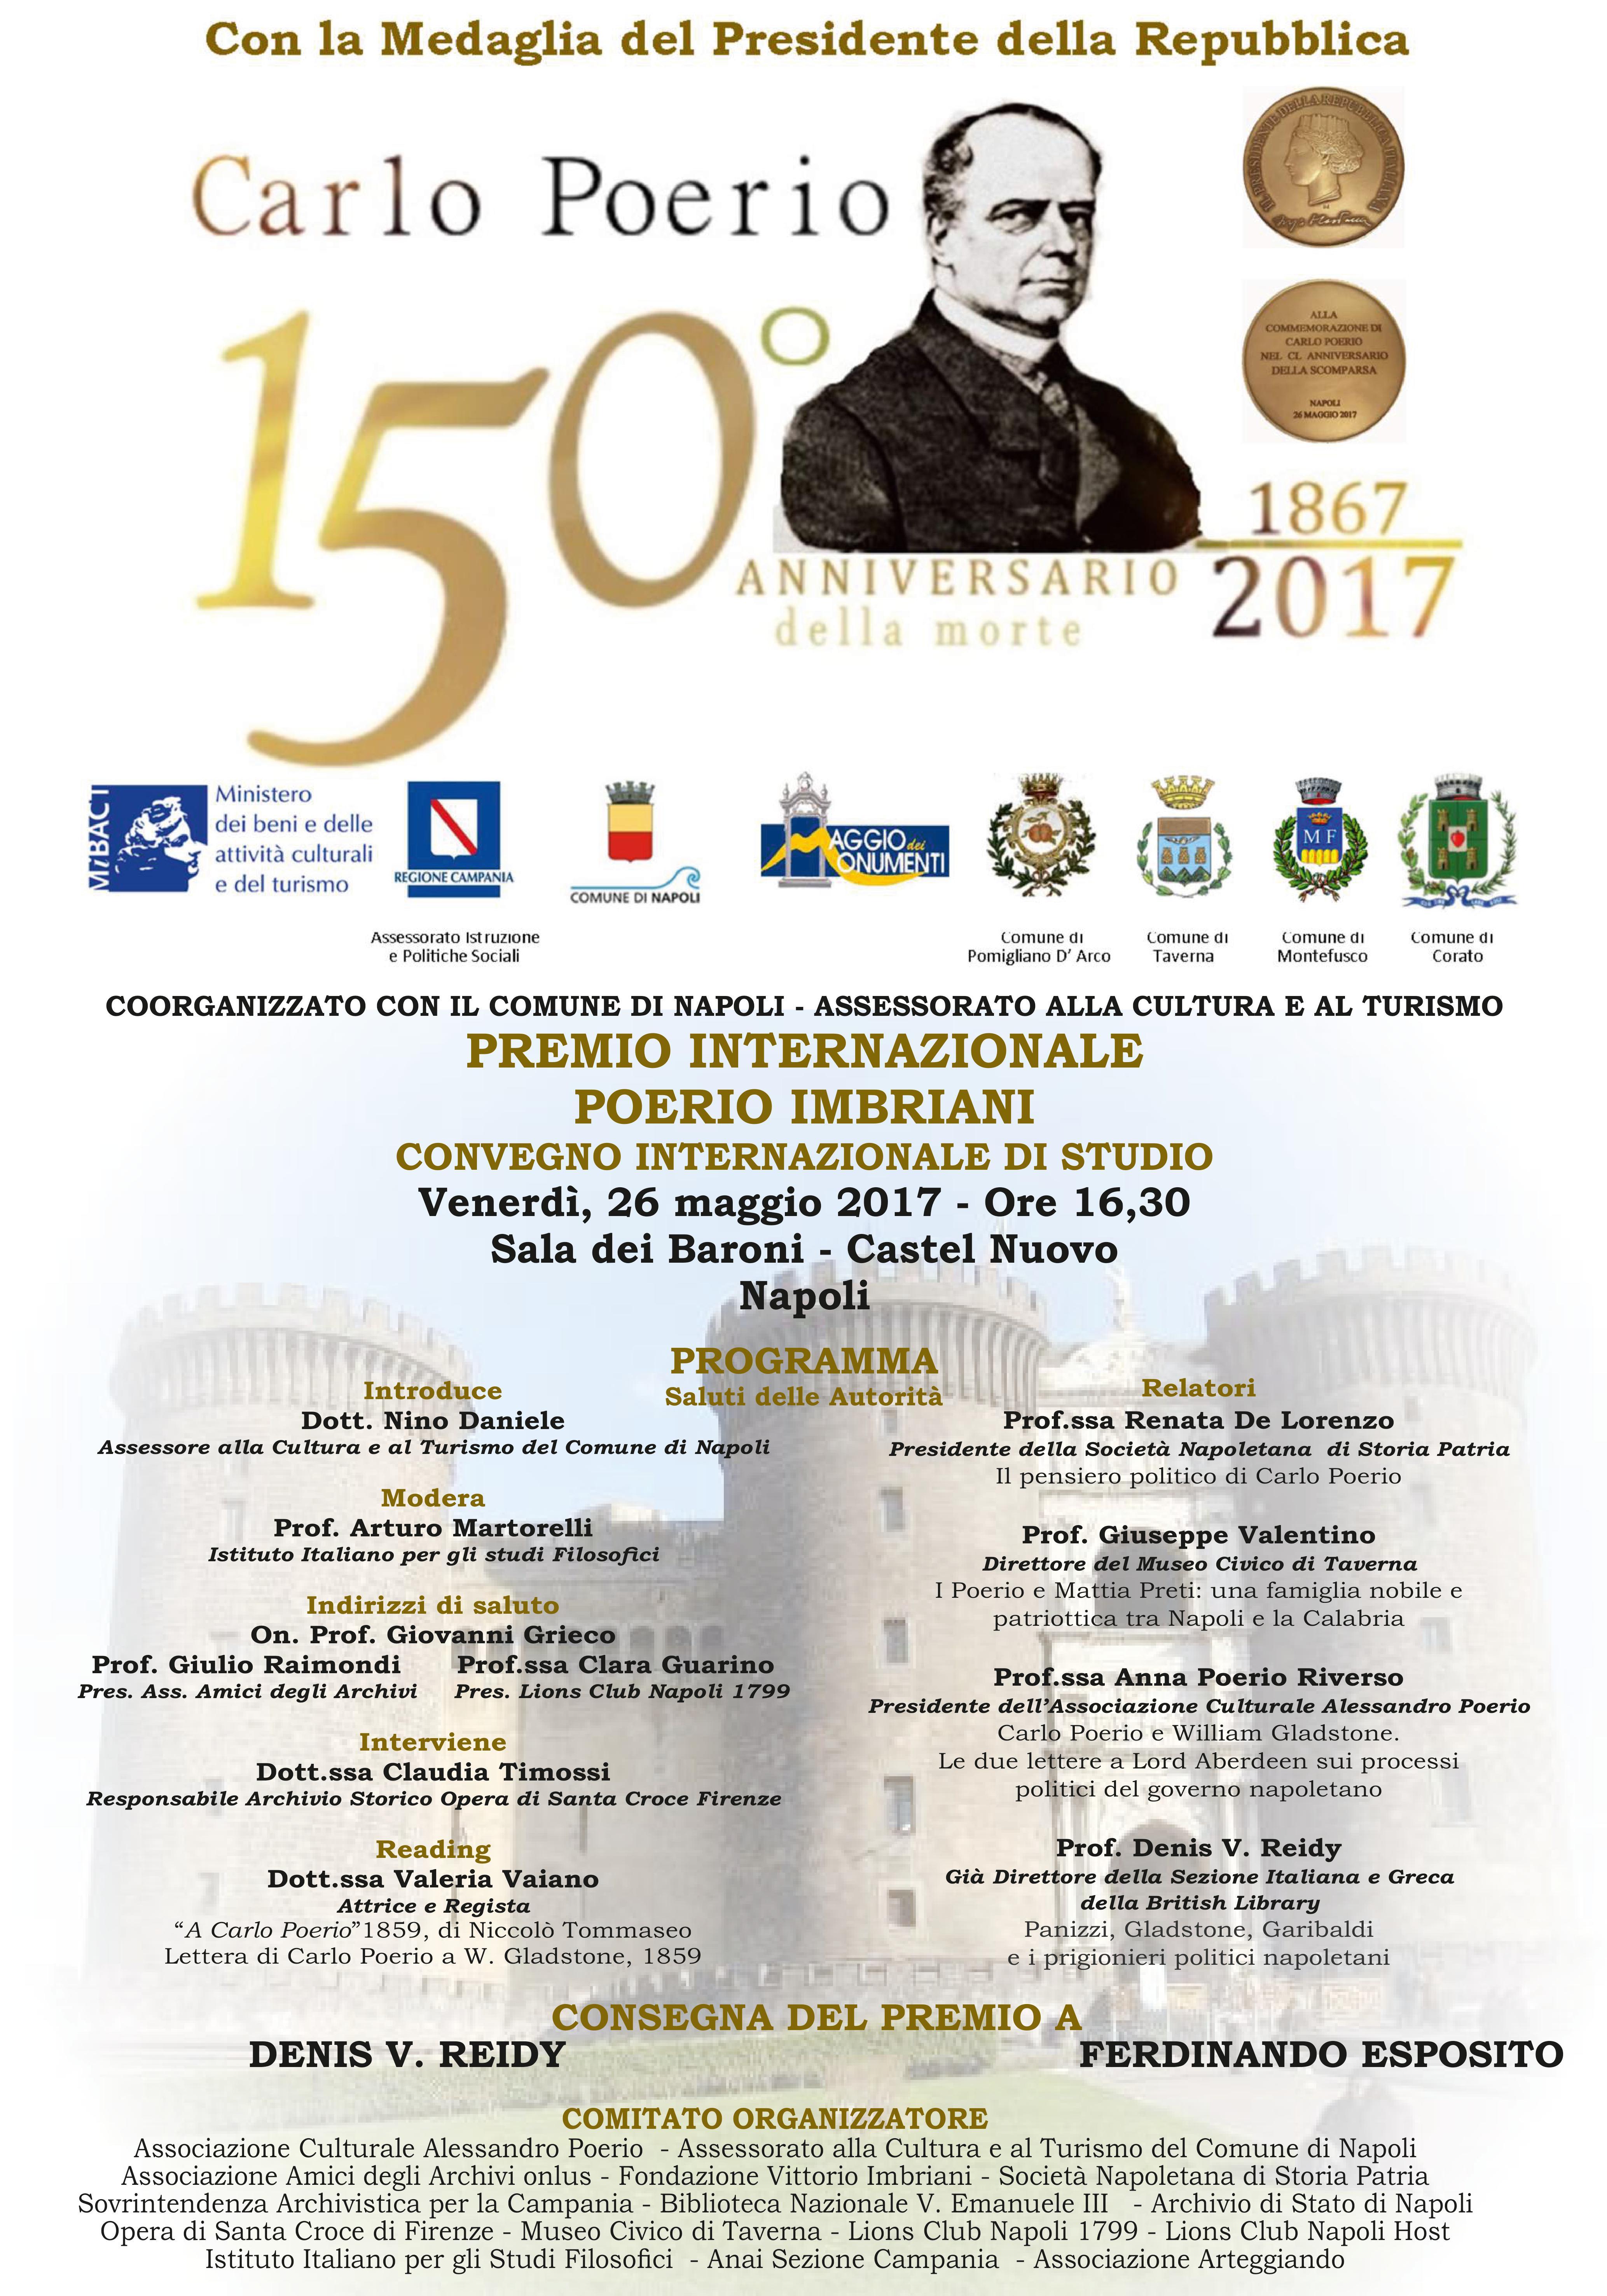 Manifesto 150º Anniversario della morte di Carlo Poerio